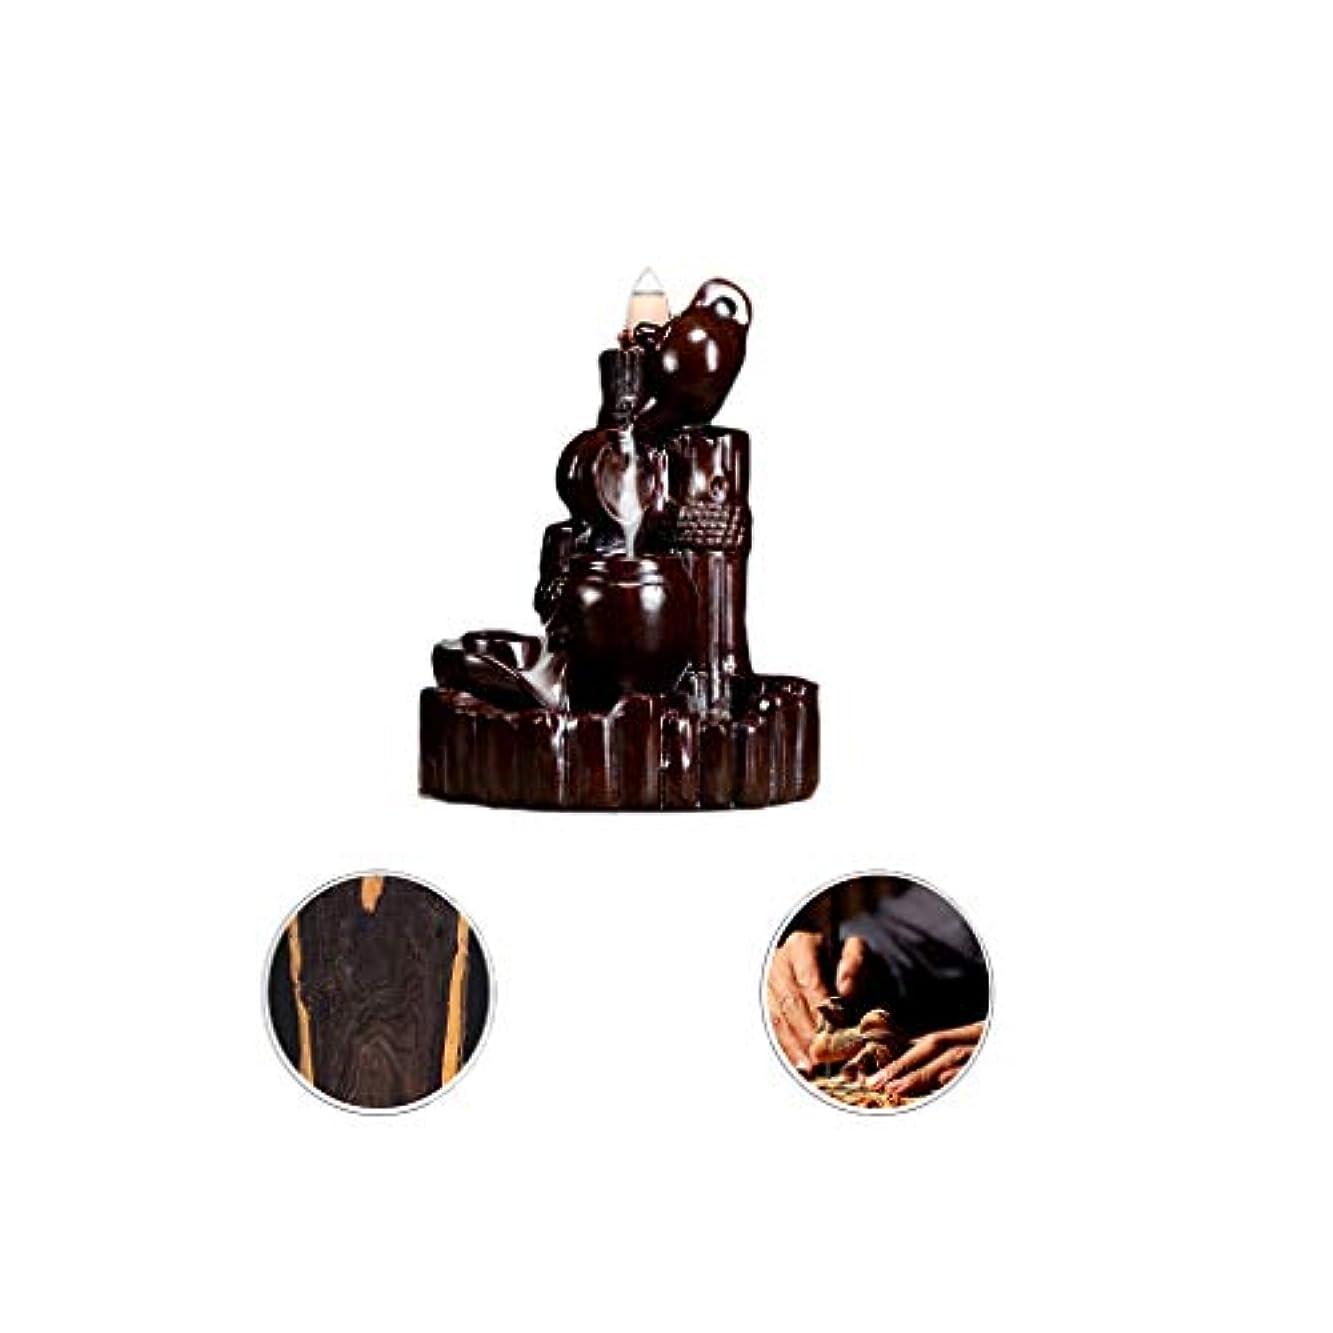 手植木バルク芳香器?アロマバーナー 逆流香新古典香炉木製黒檀香バーナーアロマテラピー炉 アロマバーナー (Color : Black and ebony)